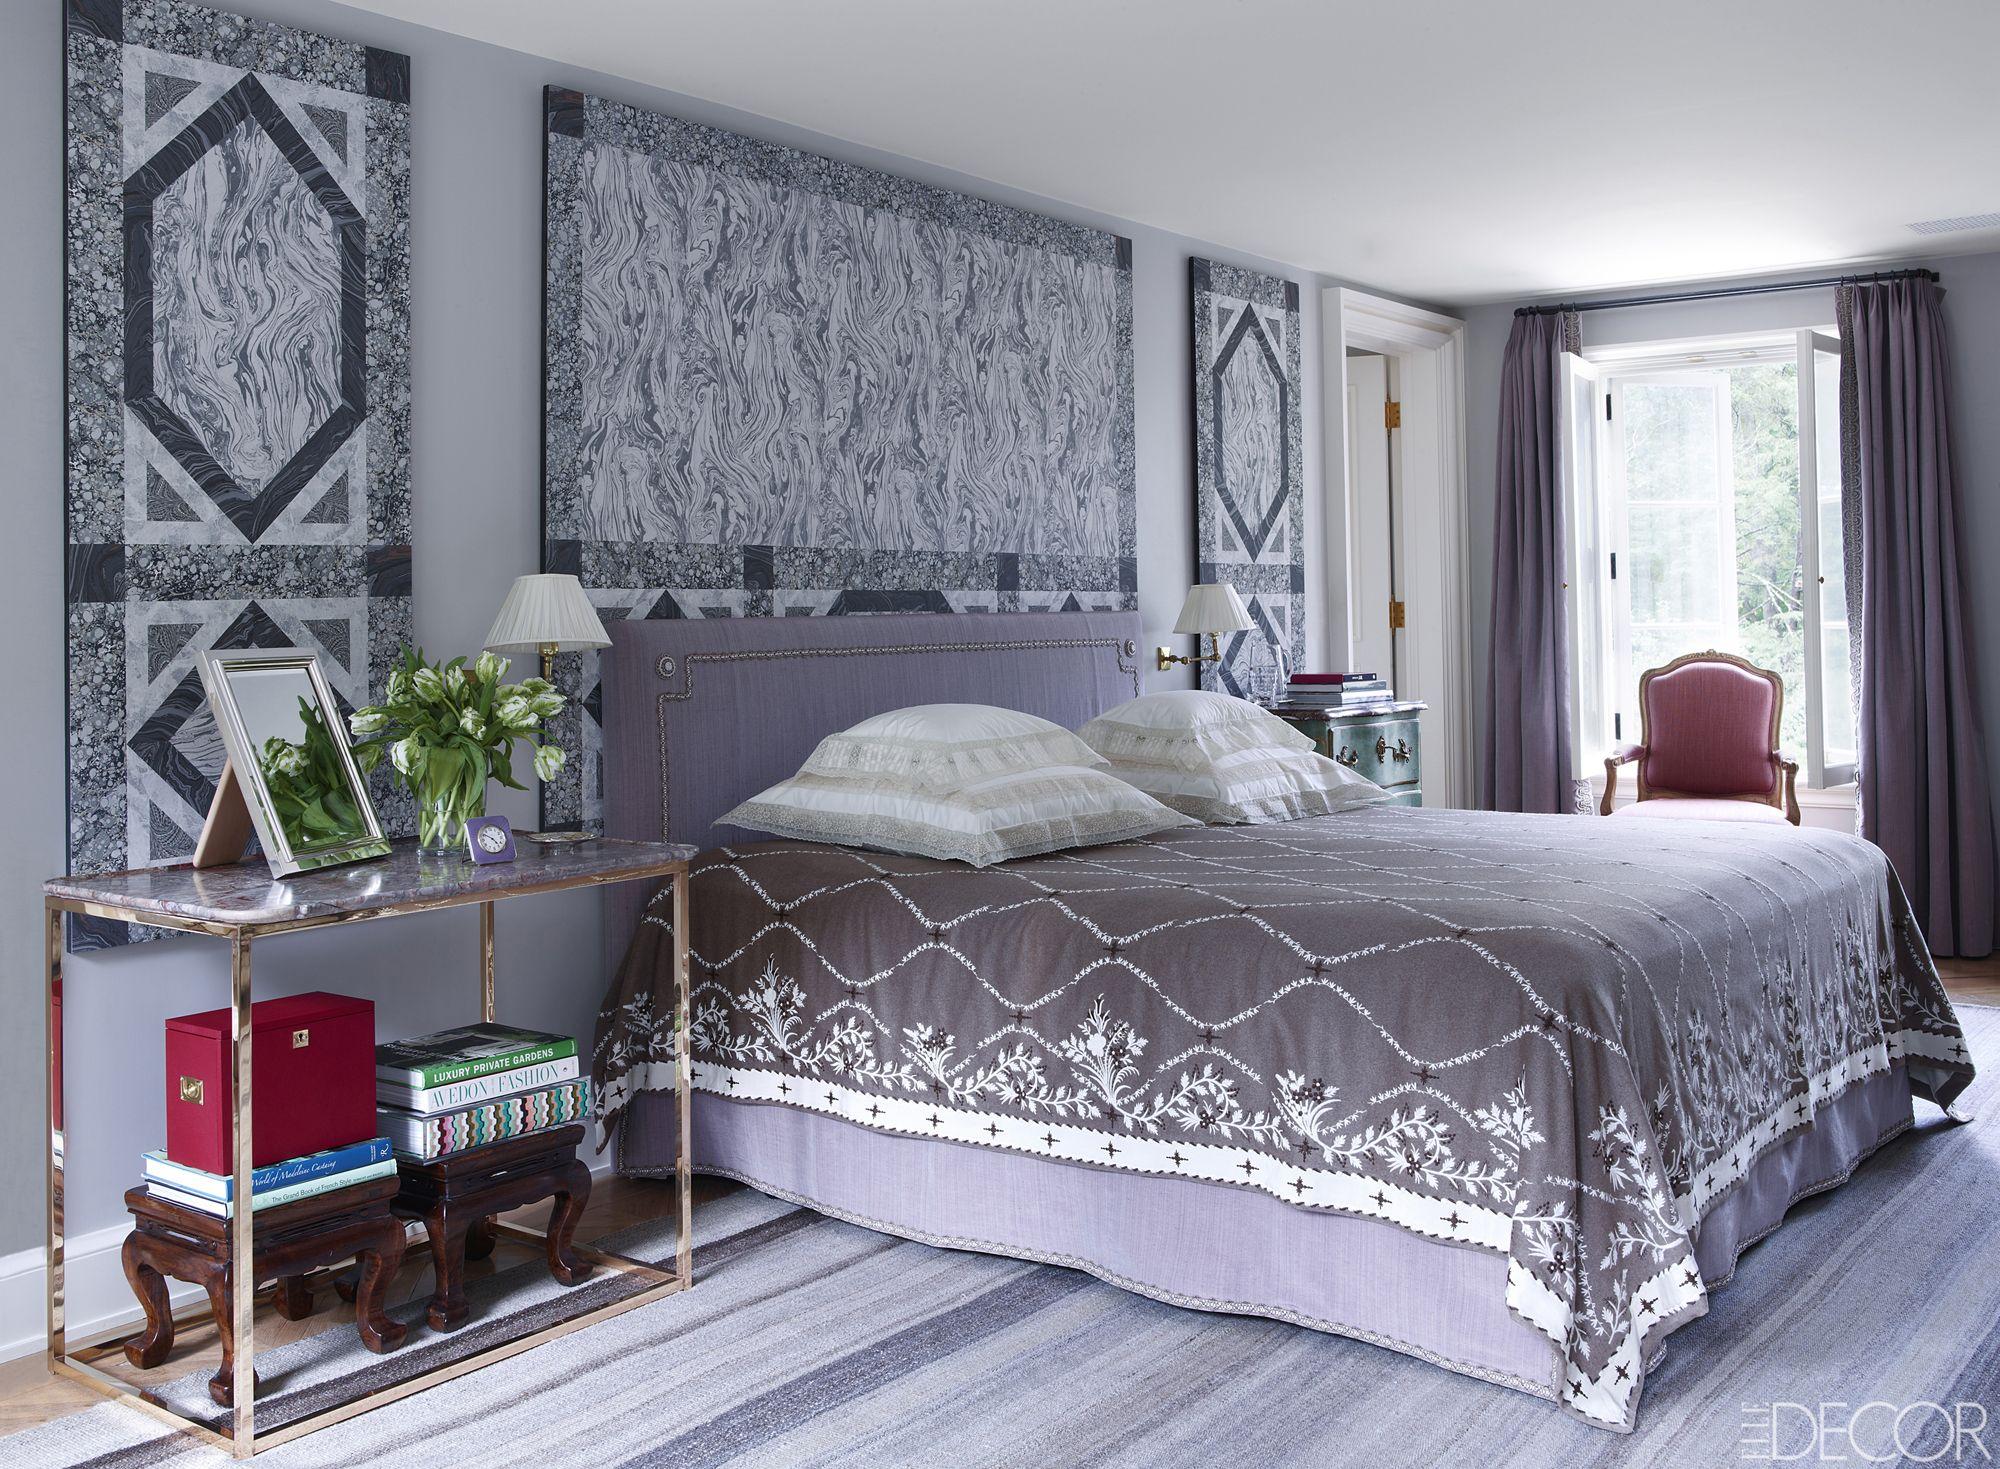 HOUSE TOUR Inside An Interior Designers Dream Home